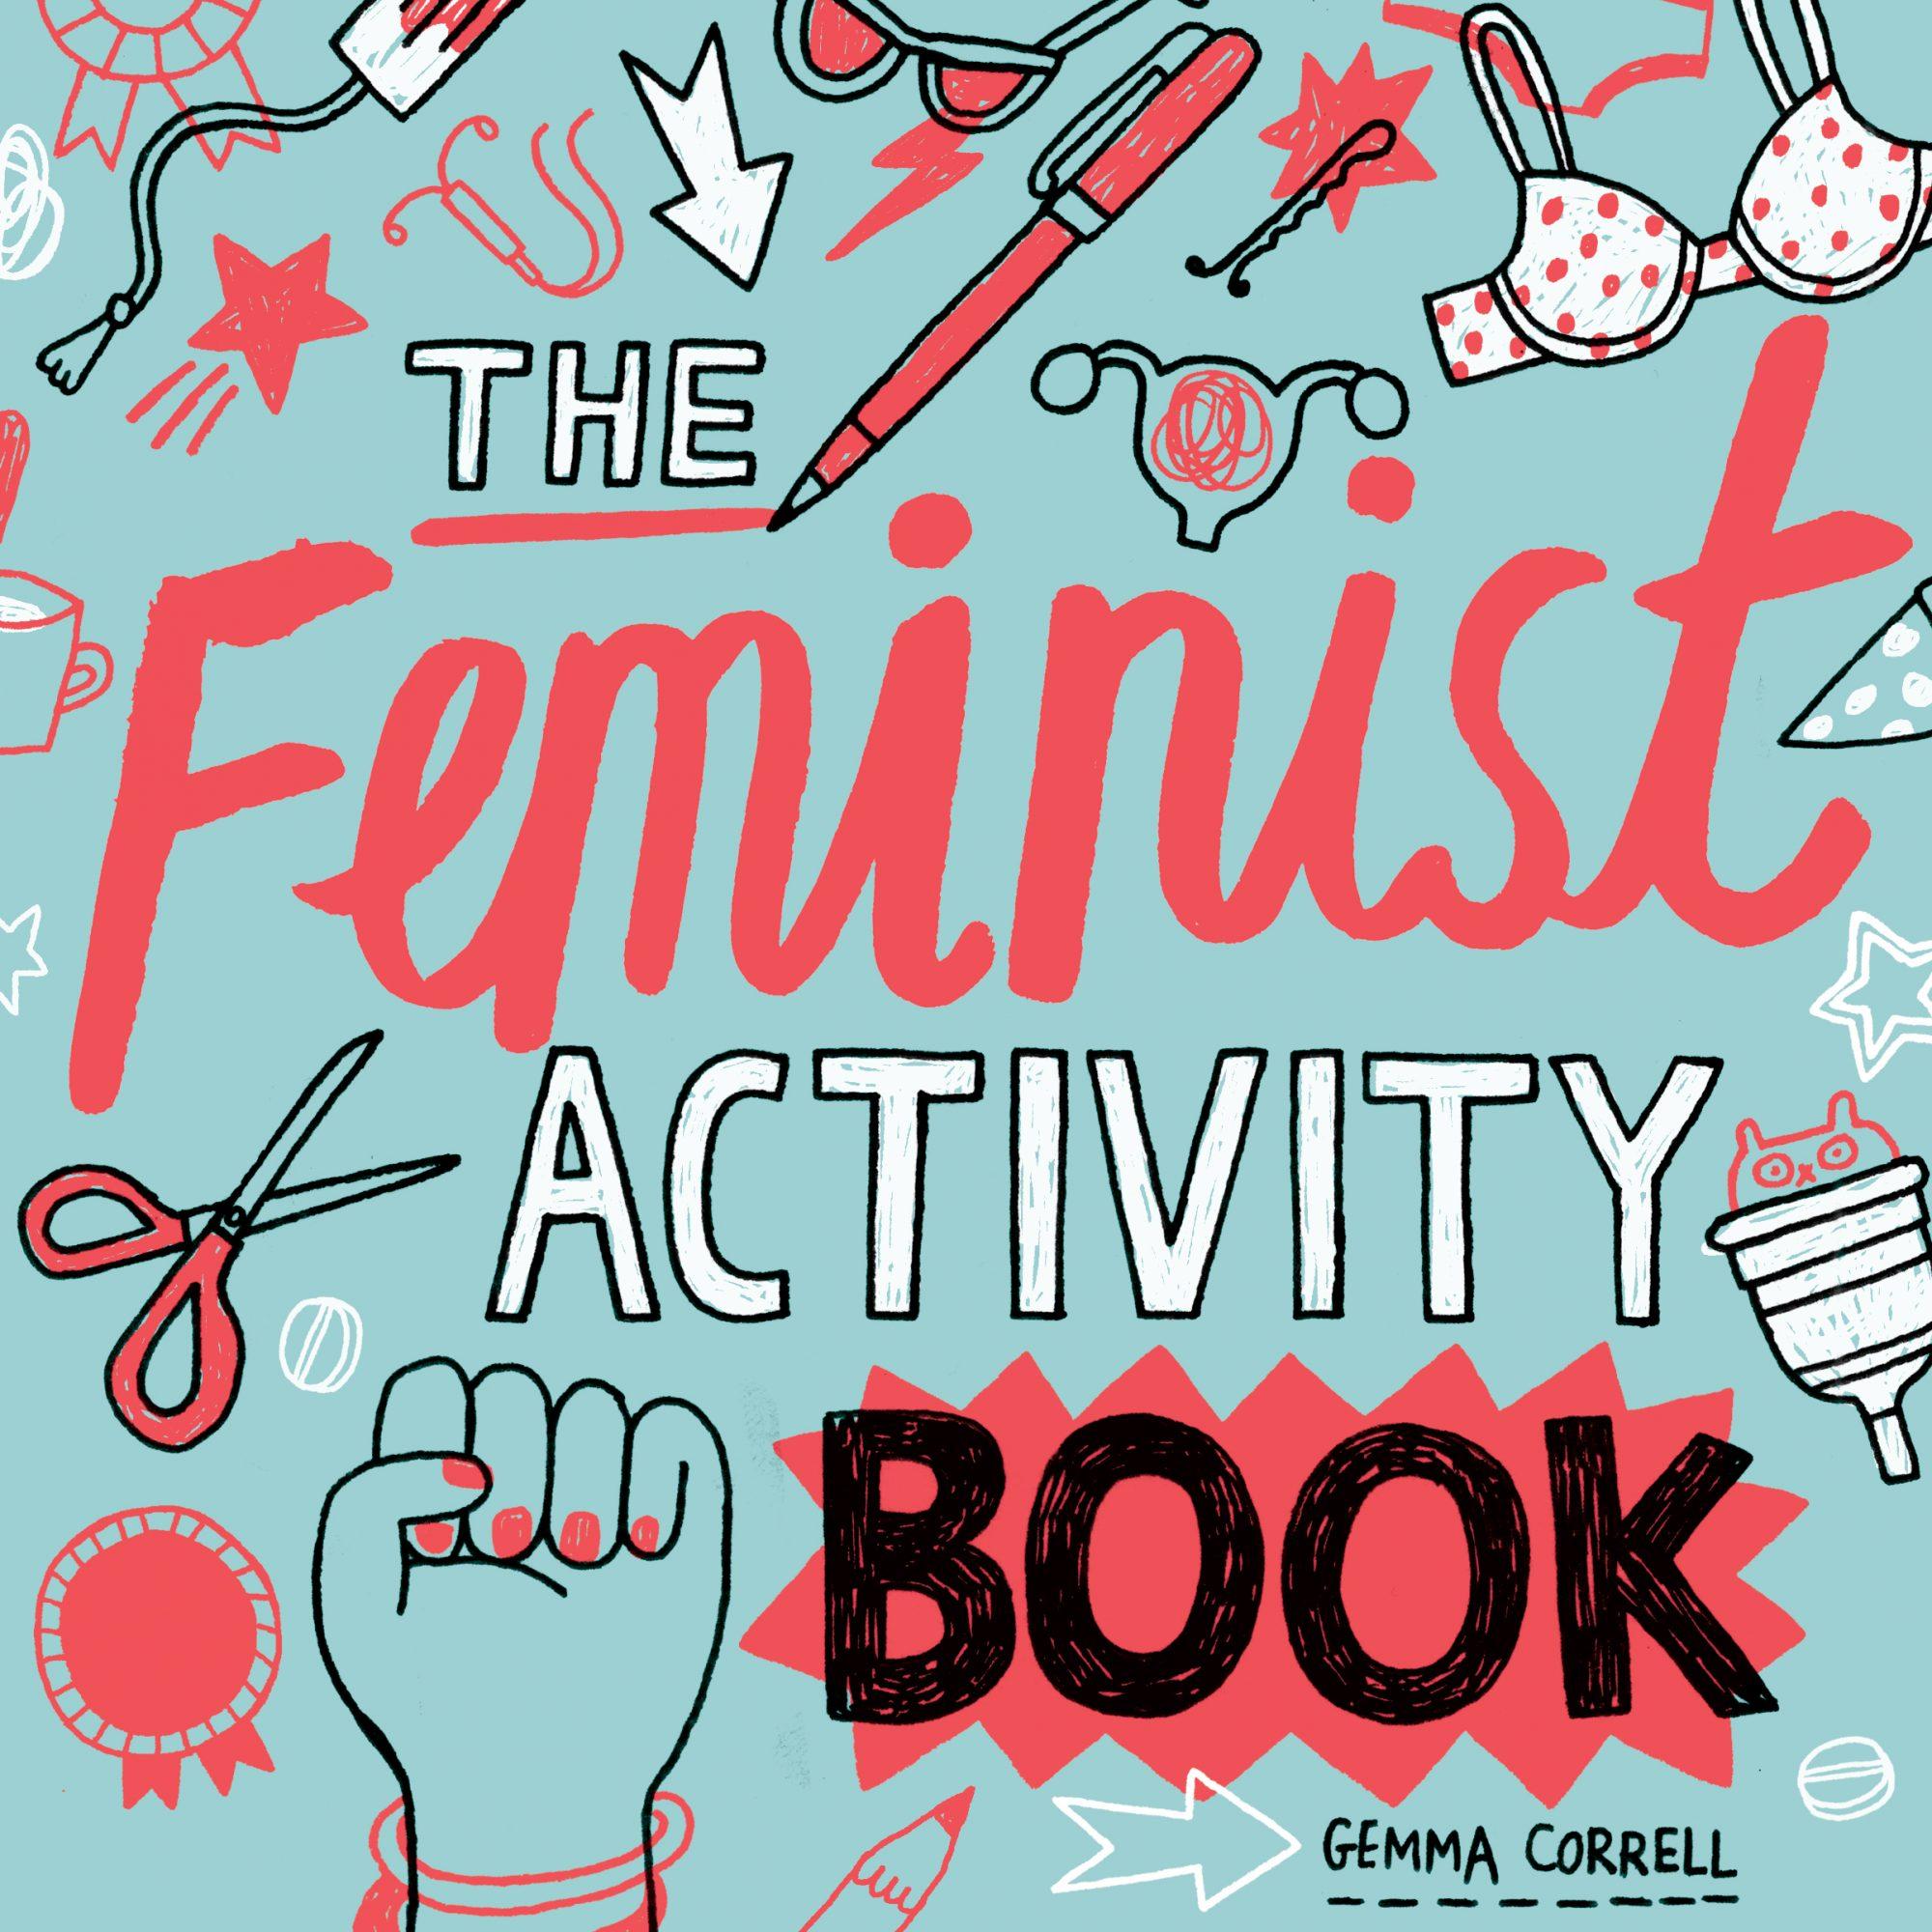 feministactivity-catalog